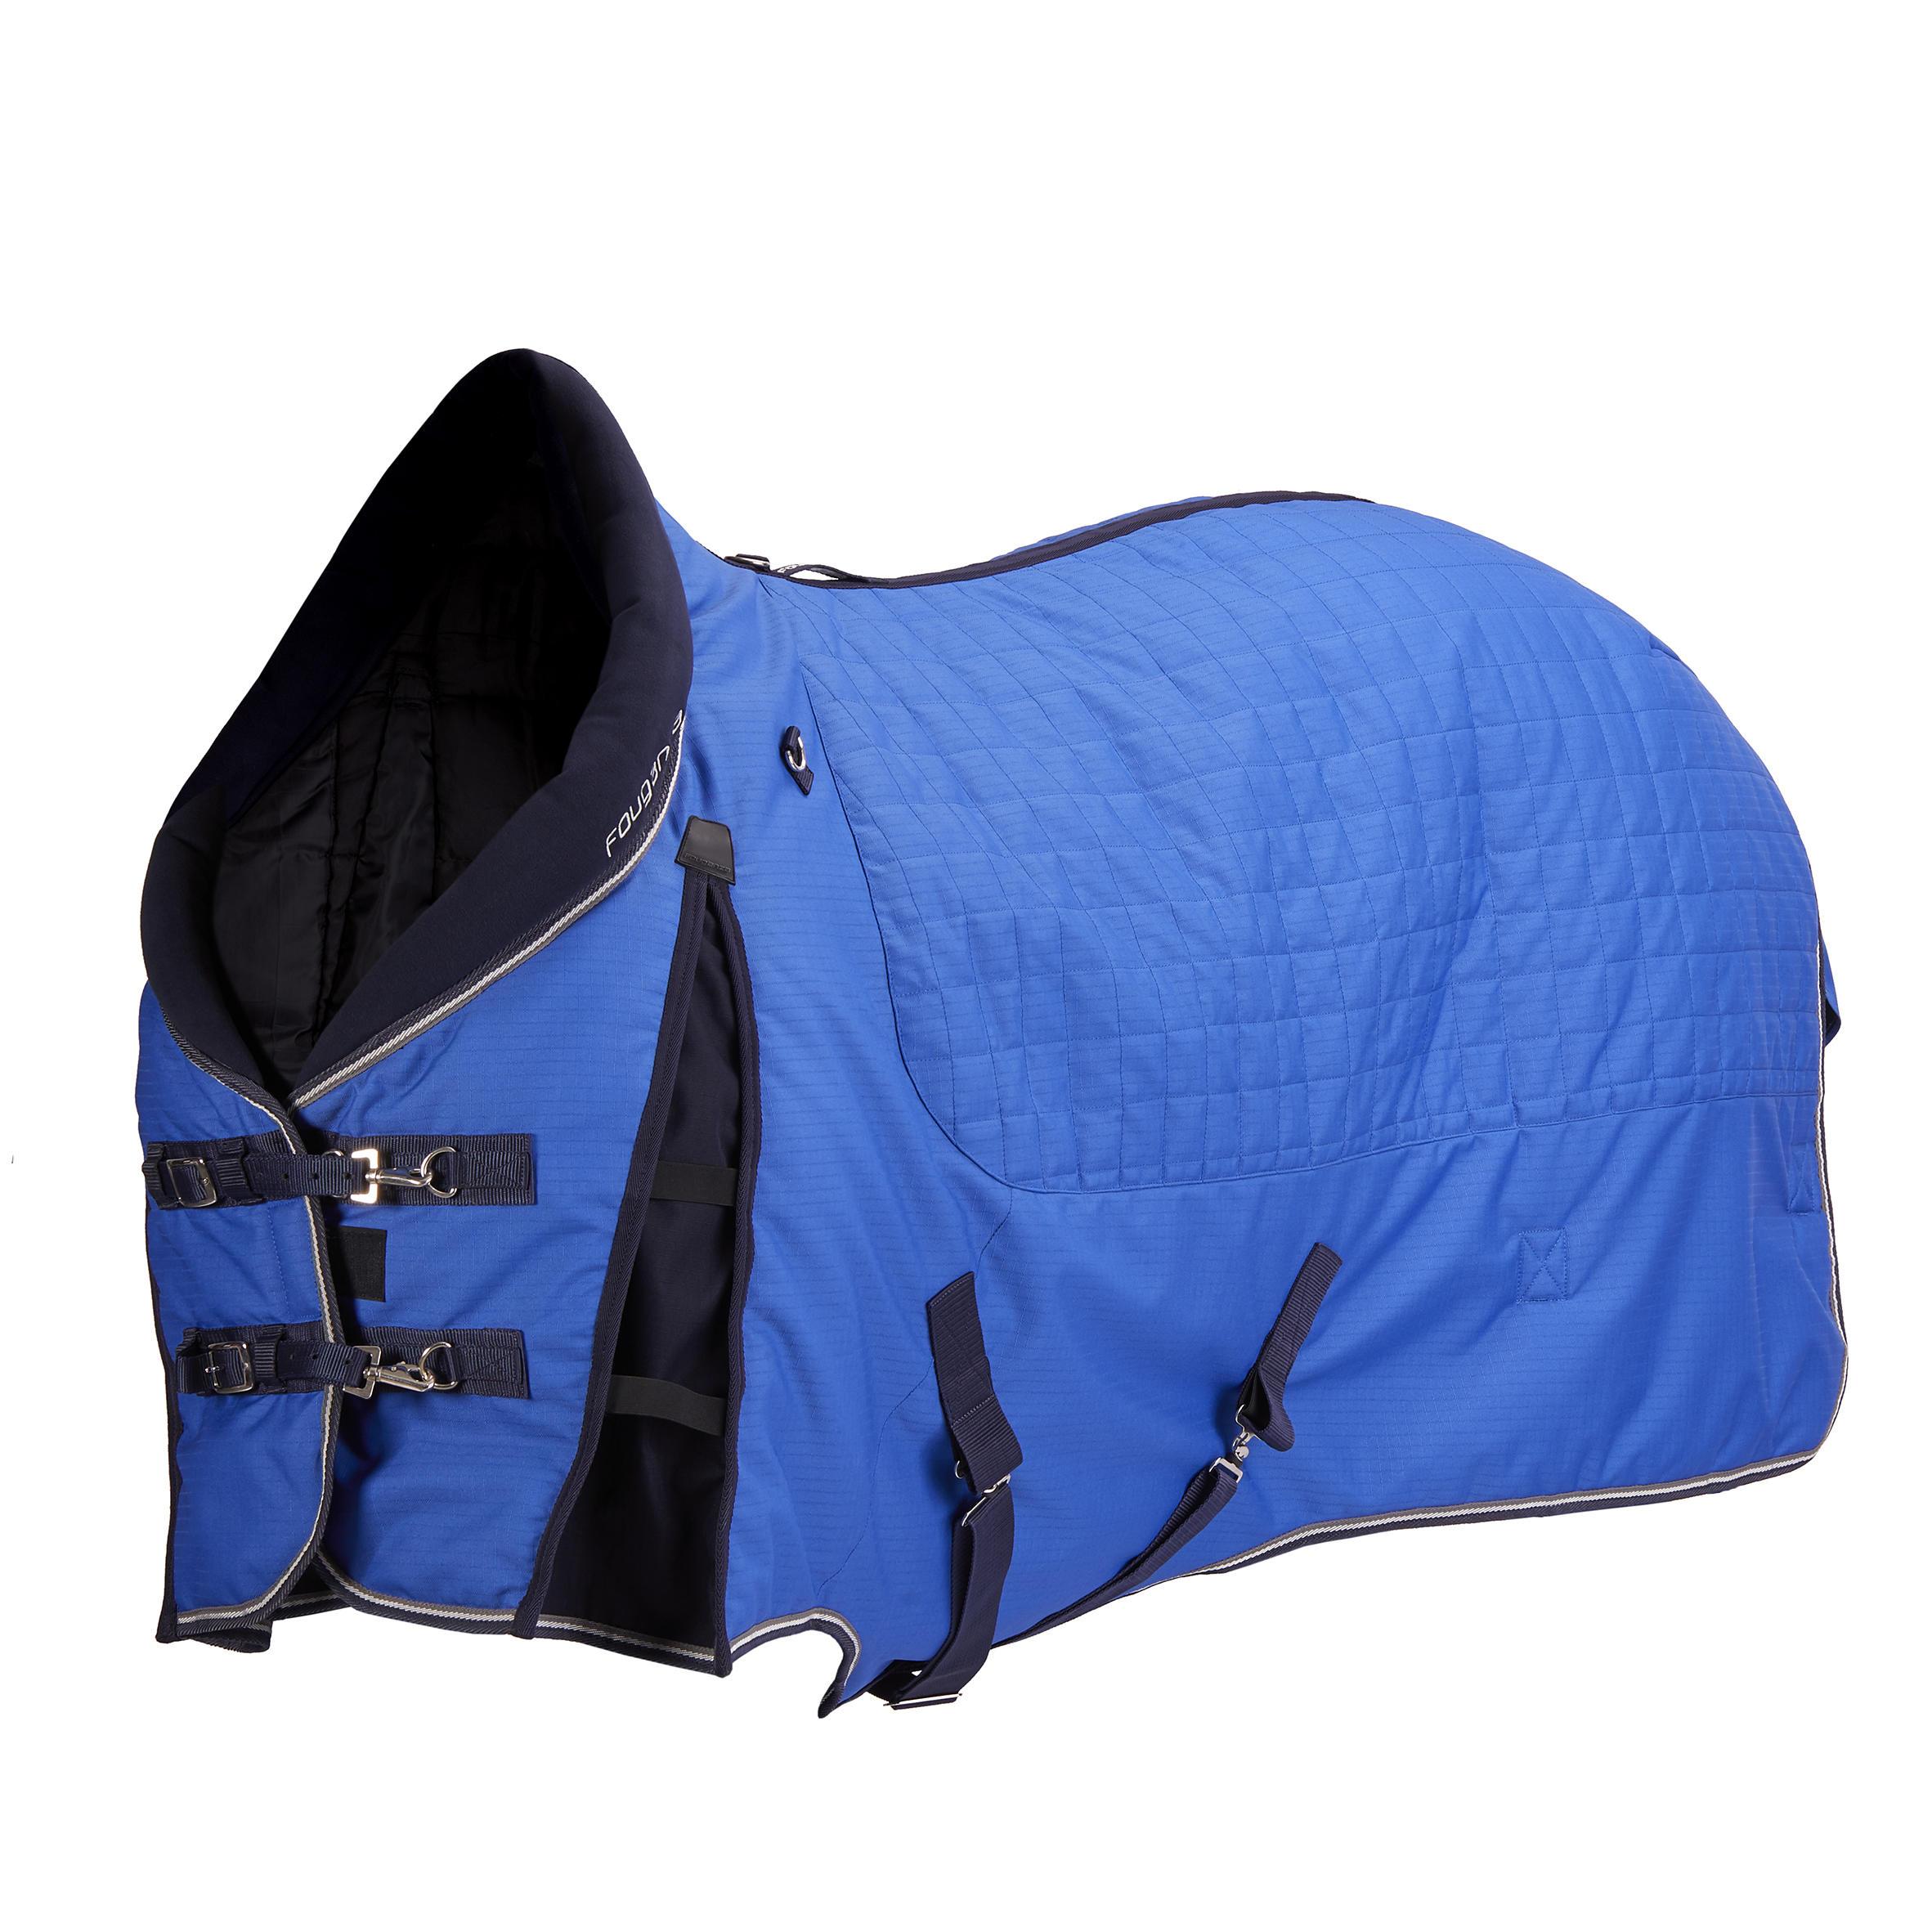 Pătură STABLE 400 albastru